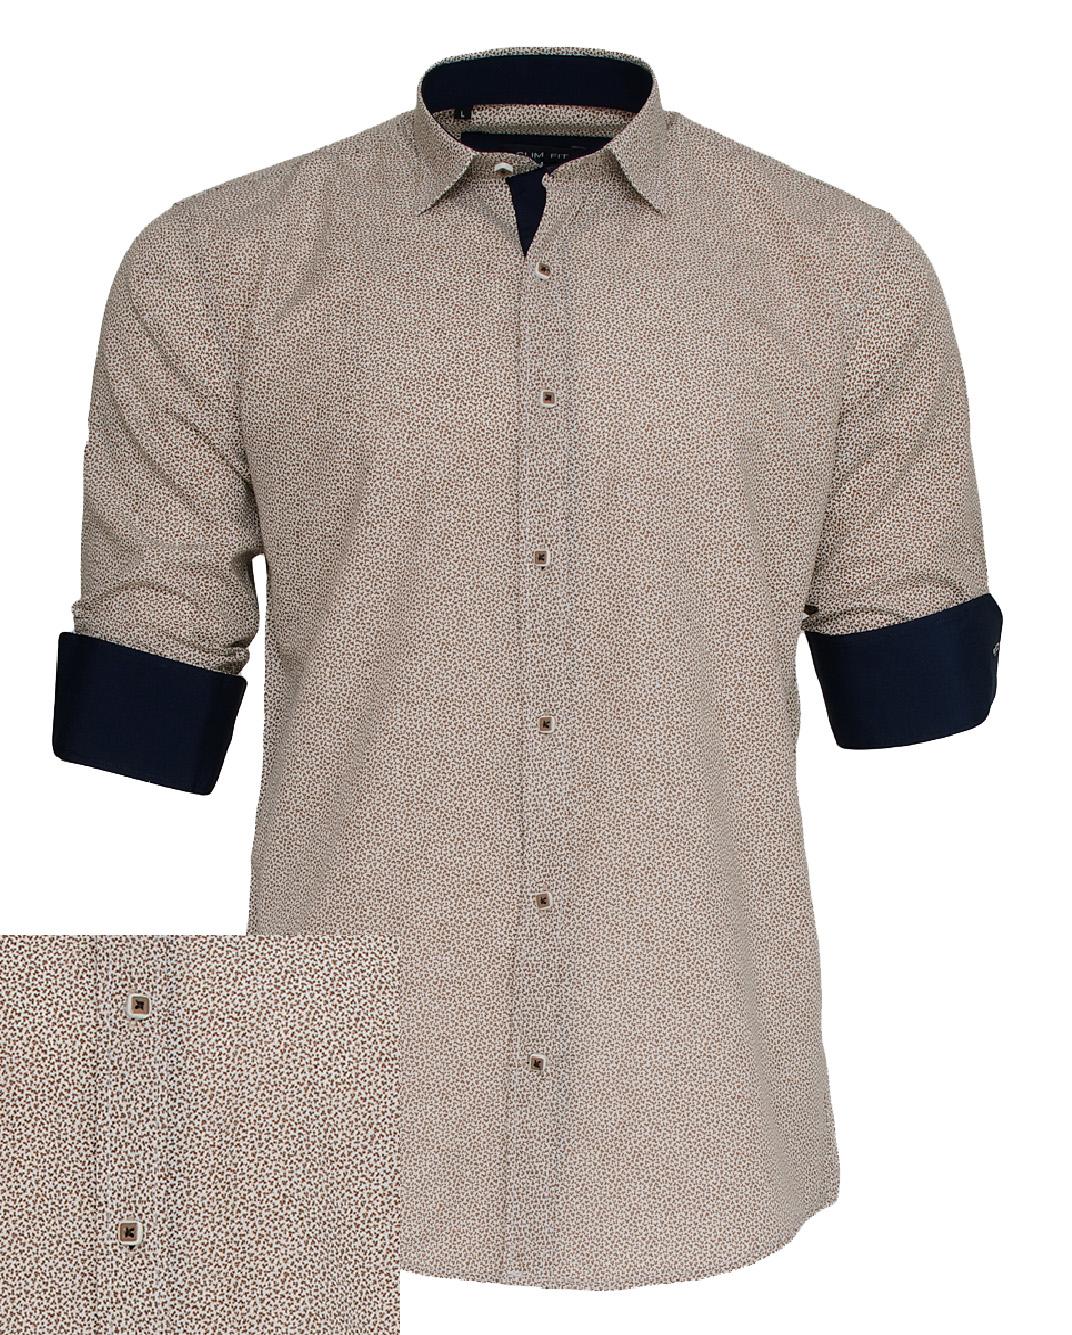 Ανδρικό Πουκάμισο So Fashion Brown Blue-Καφέ Ανοικτό αρχική ανδρικά ρούχα πουκάμισα